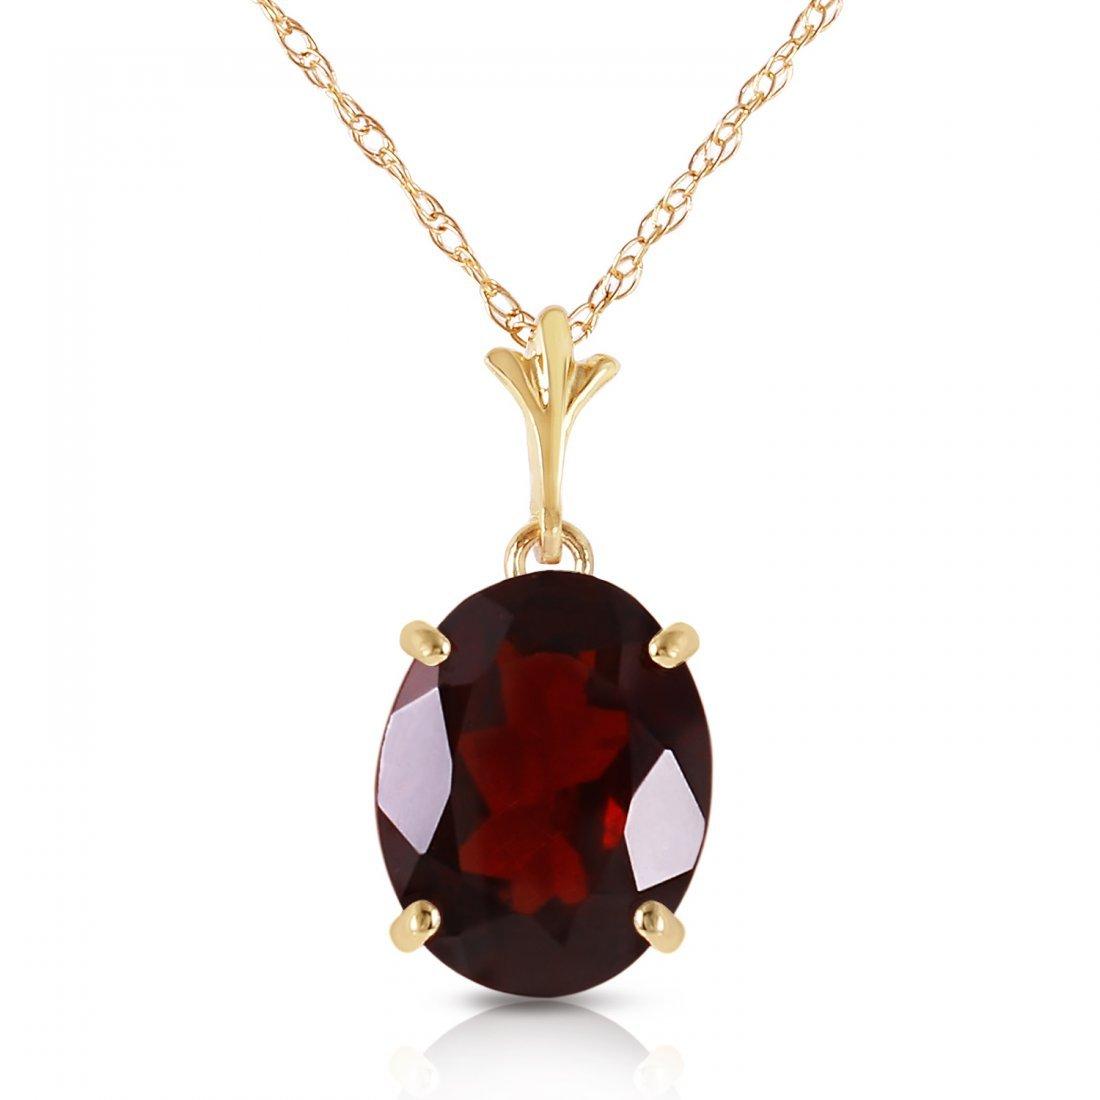 Genuine 3.12 ctw Garnet Necklace Jewelry 14KT Yellow